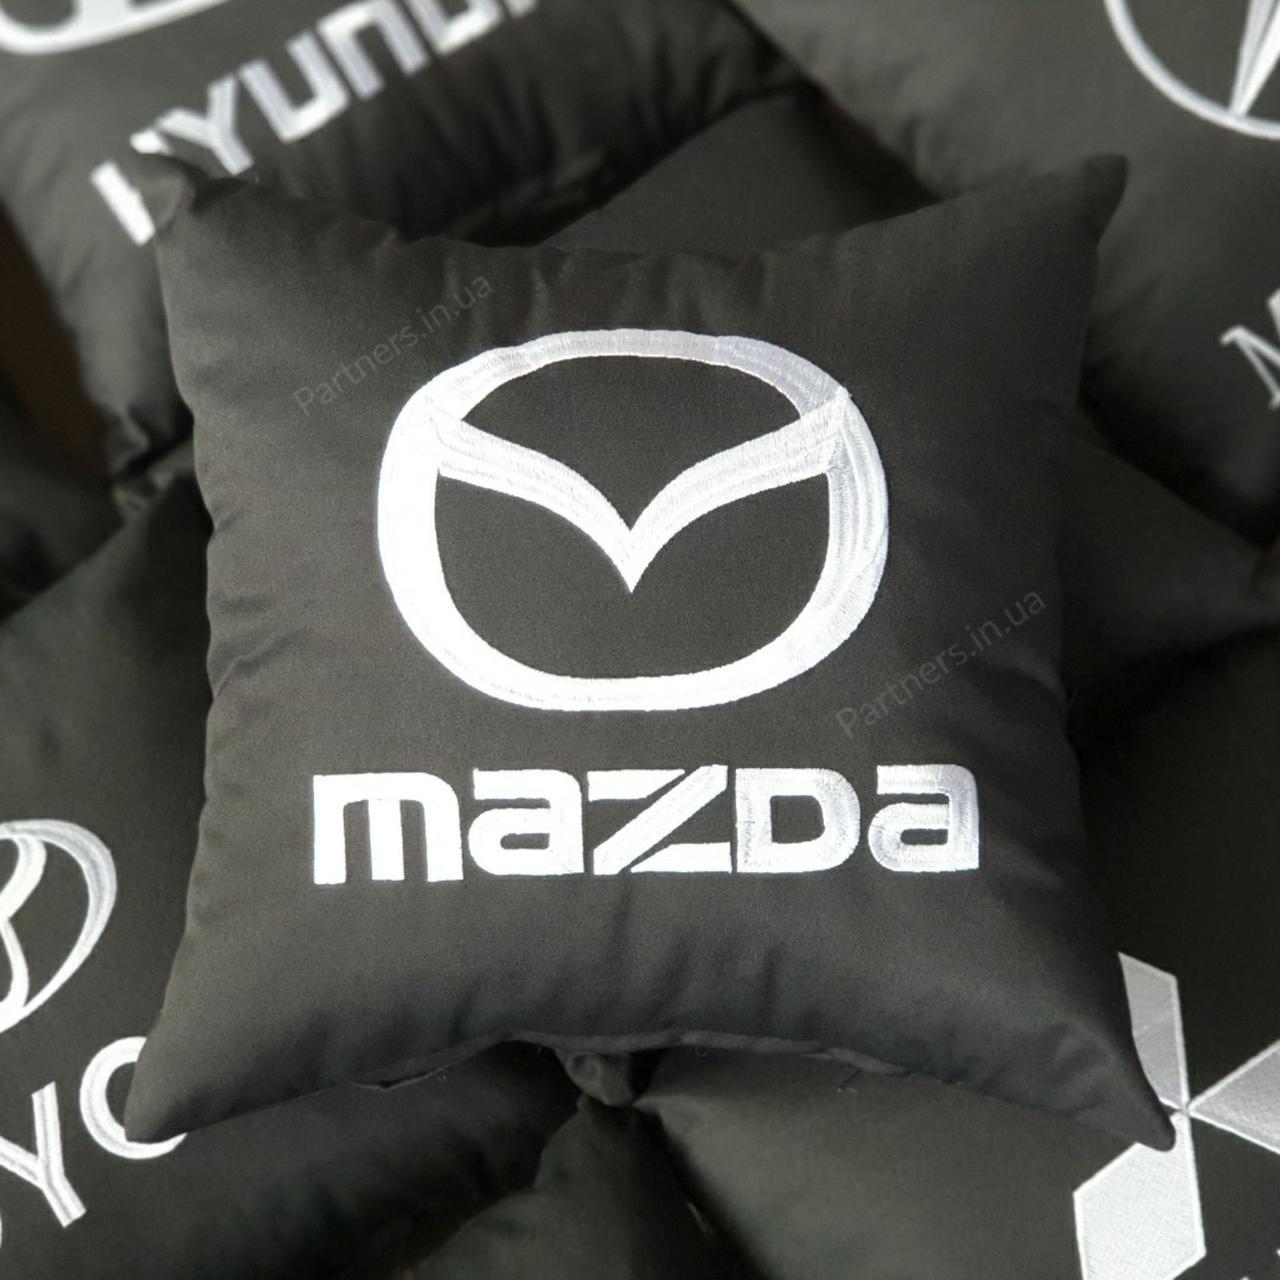 Подушка с логотипом Мазда (Mazda)